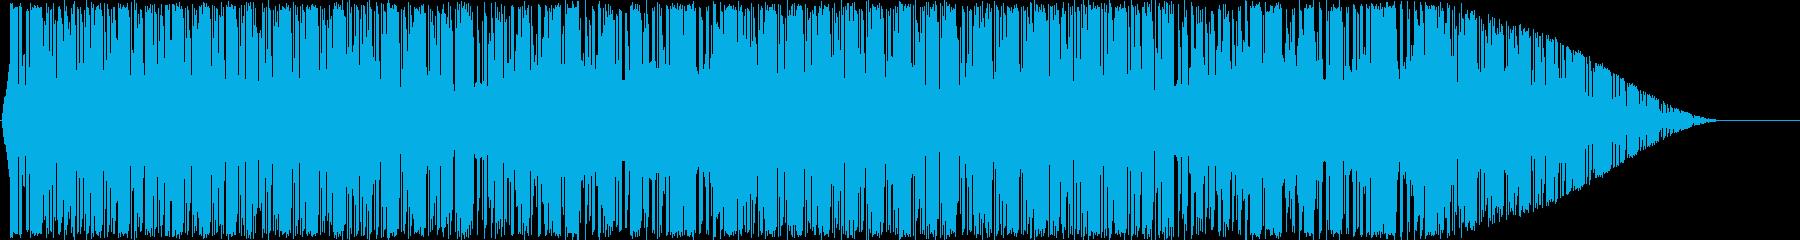 8bitチックな可愛いスマホゲームなどにの再生済みの波形